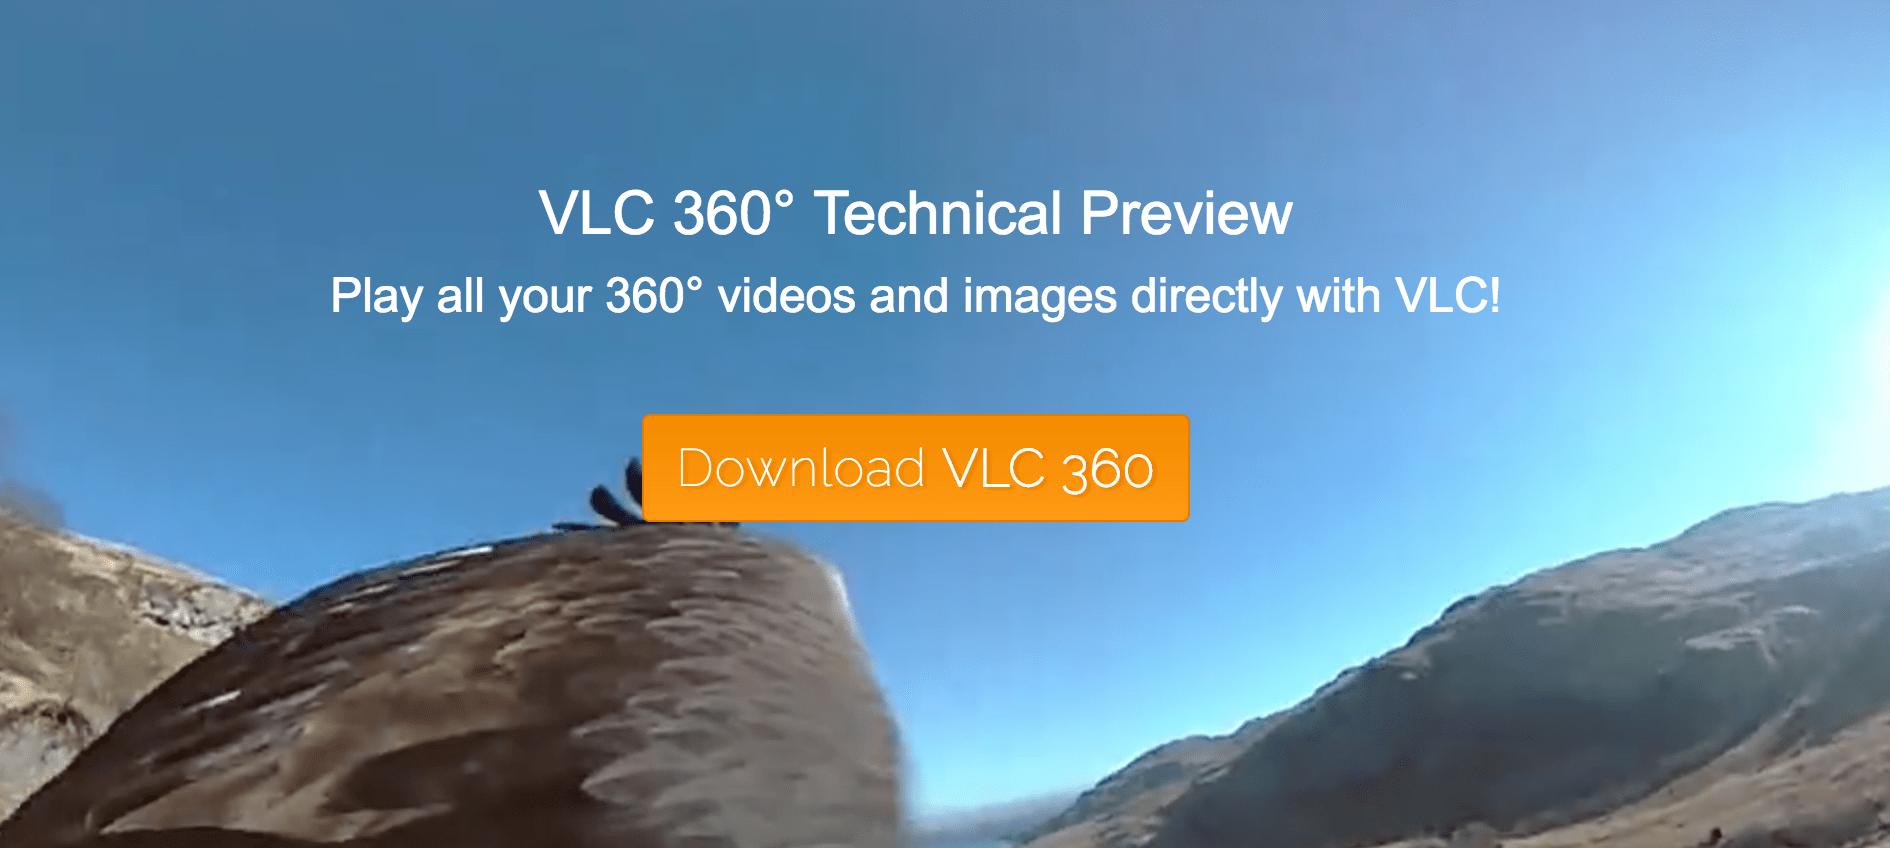 Αποτέλεσμα εικόνας για vlc 360